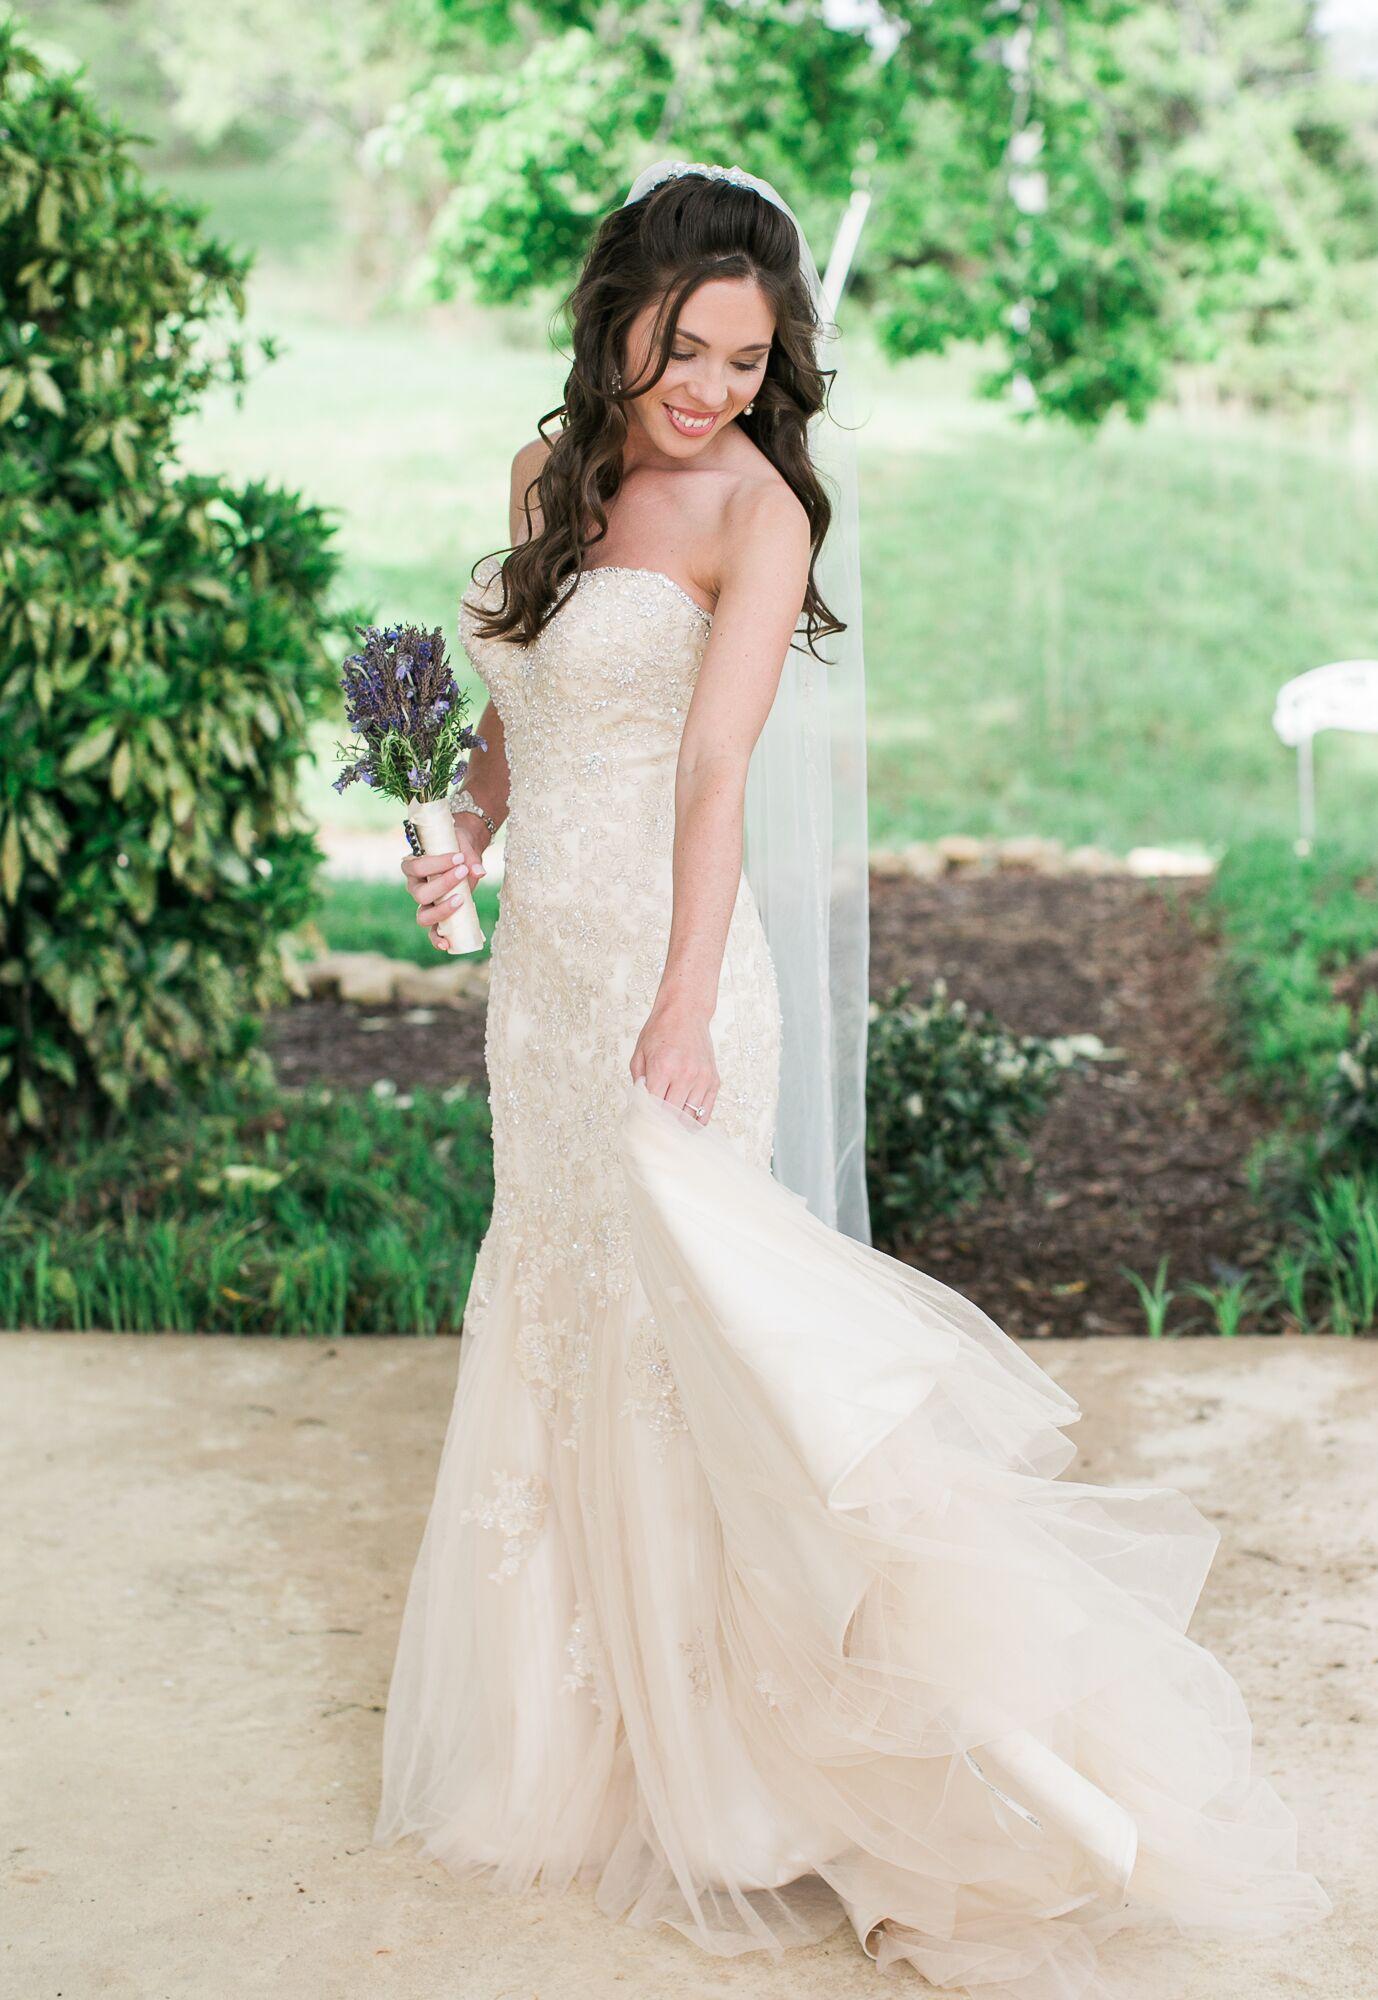 Brides dress colors